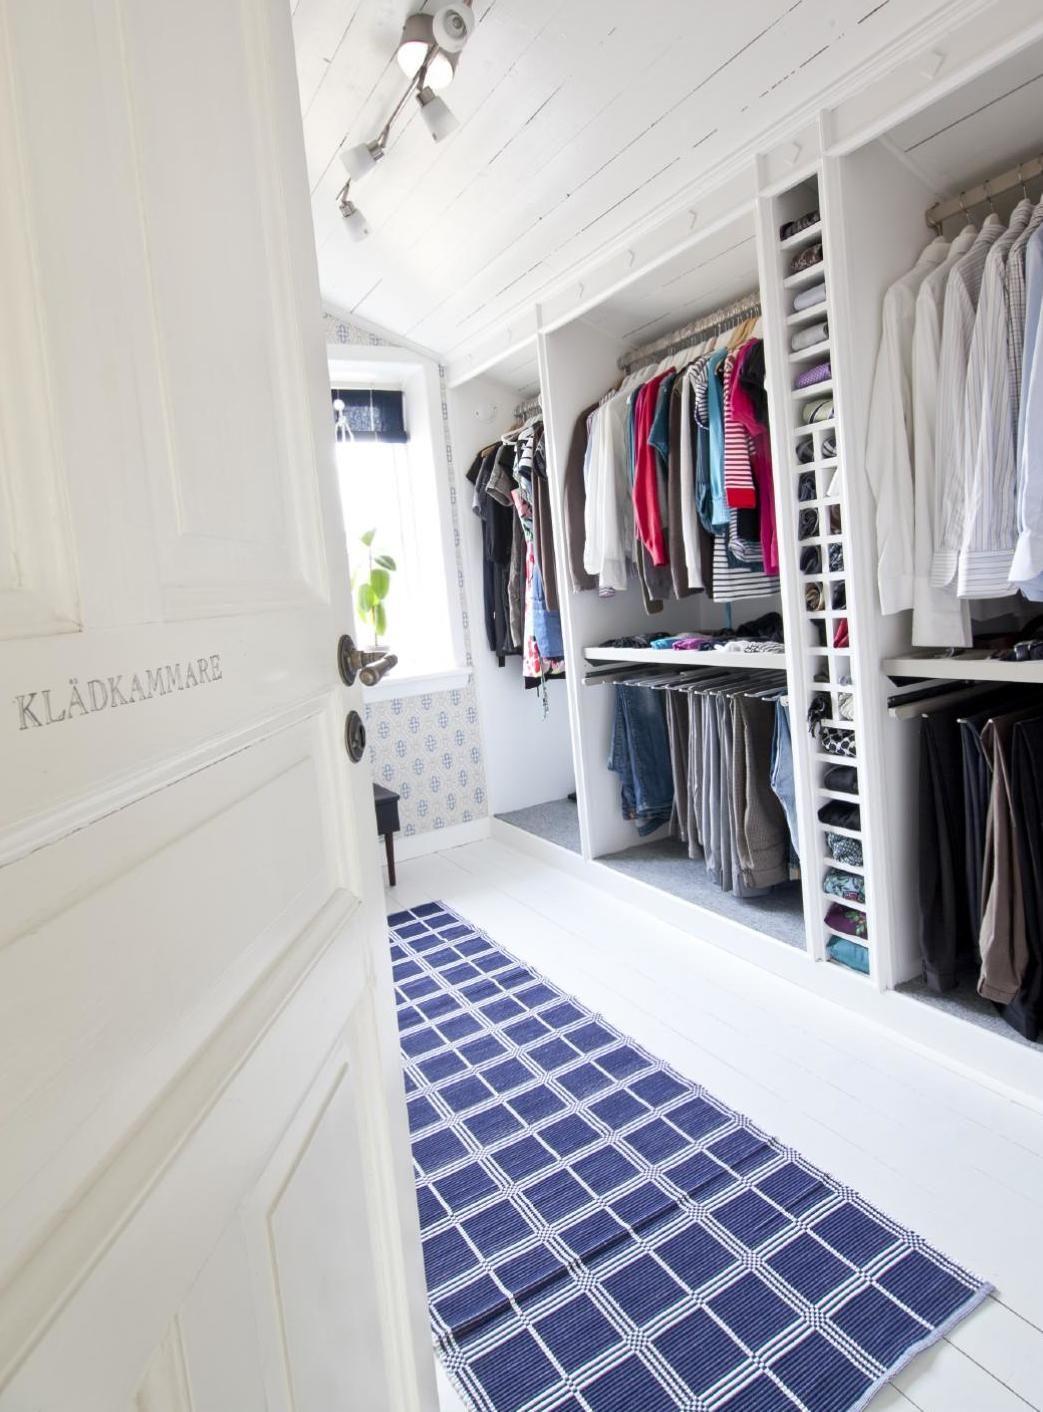 hildas inspiration | garderob, inredning och sovrum